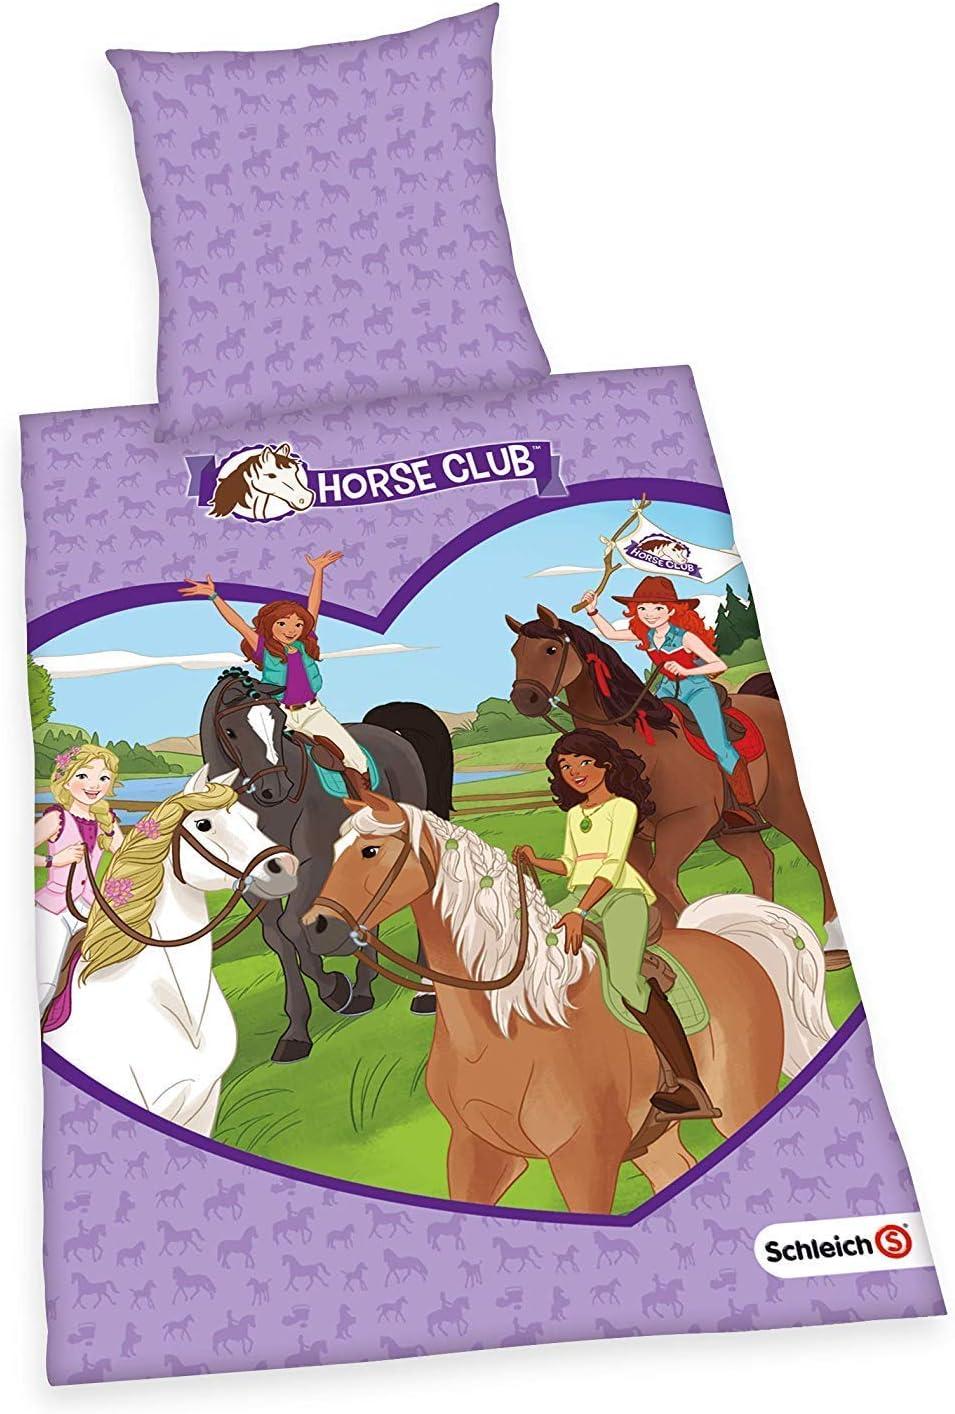 Ropa de Cama Liso Schleich Caballo Club Princesa Hannah 135 X 200 Regalo Nuevo Wow - All-In-One-Outlet-24